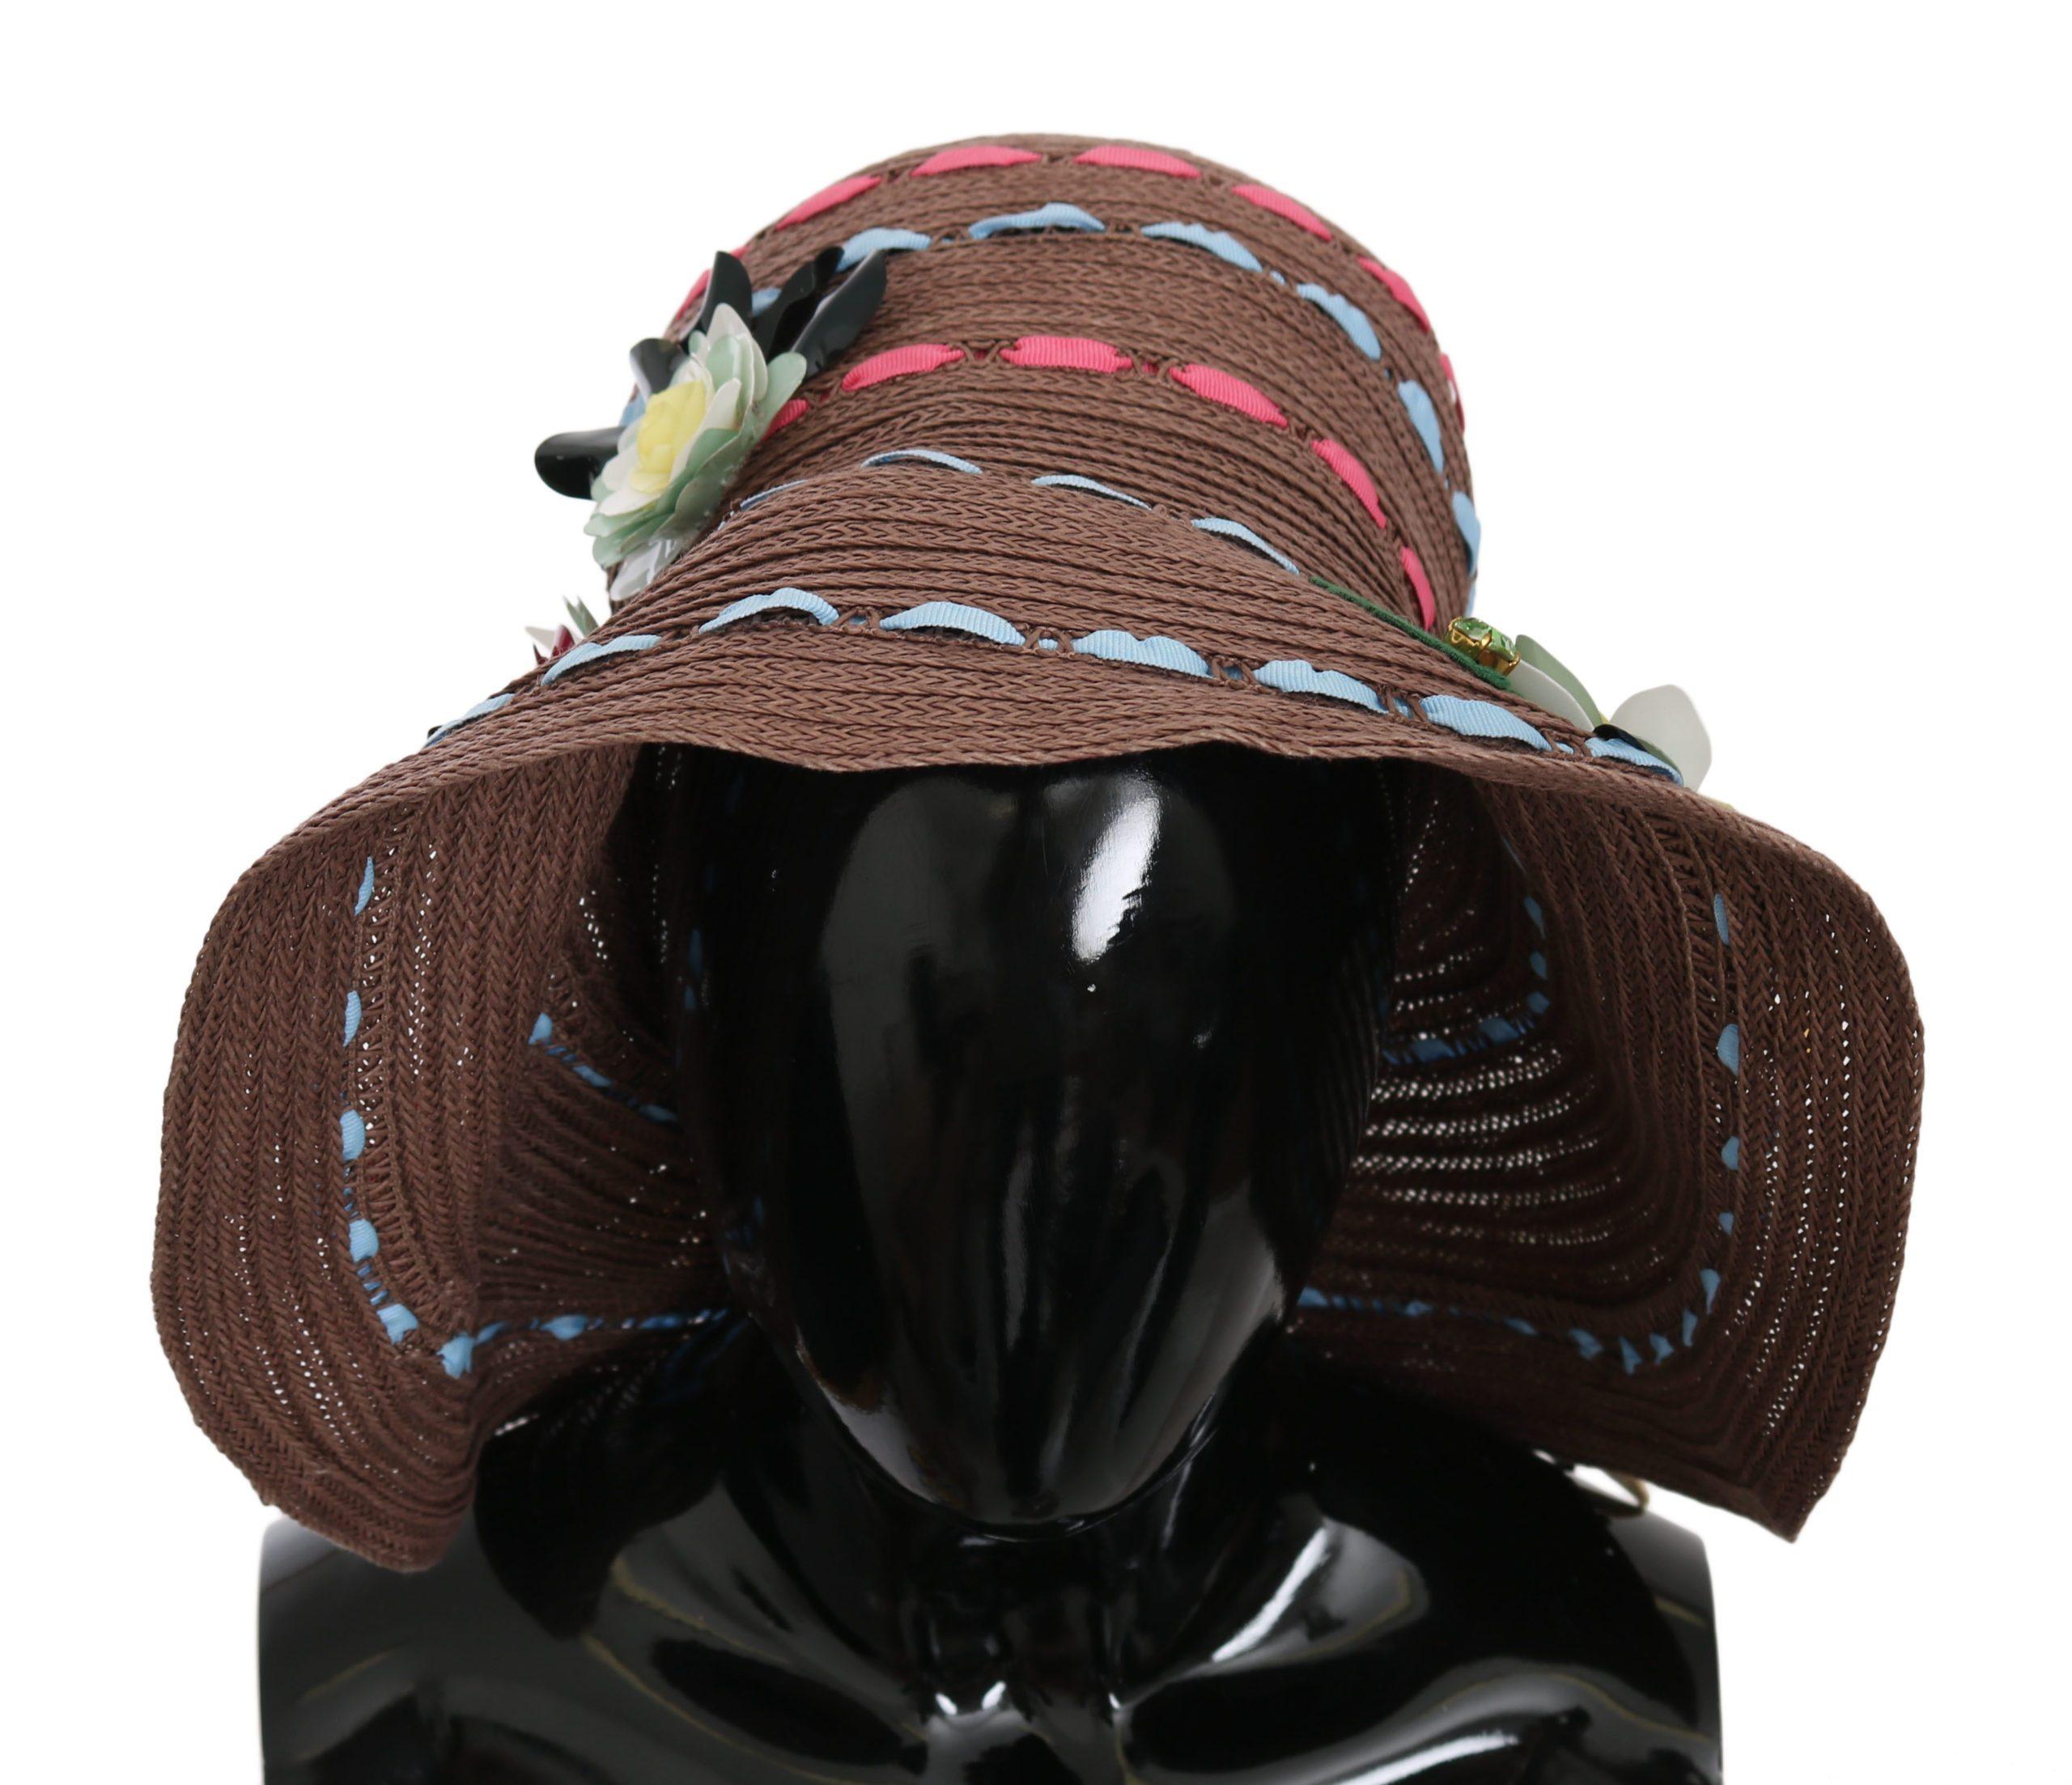 Dolce & Gabbana Women's Wide Brim Floral Floppy Capello Hat Brown HAT70226 - 57 cm|S